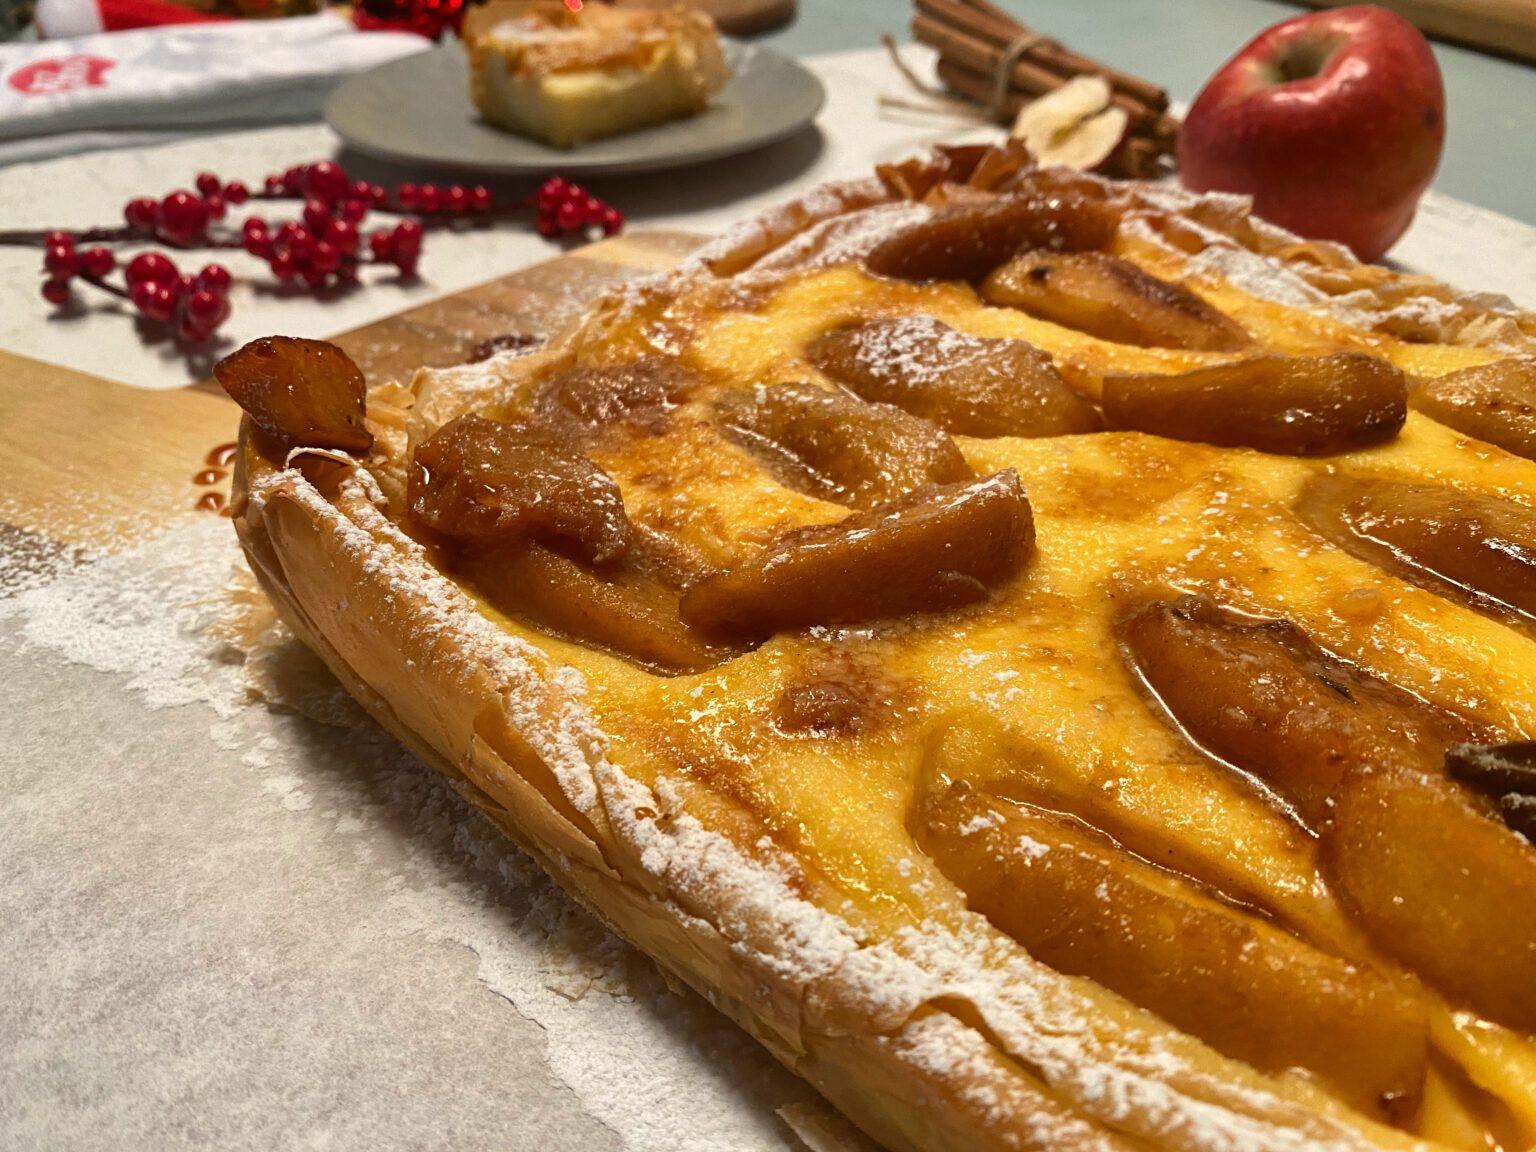 Τραγανή Πίτα με Κρέμα & Καραμελωμένα Μήλα